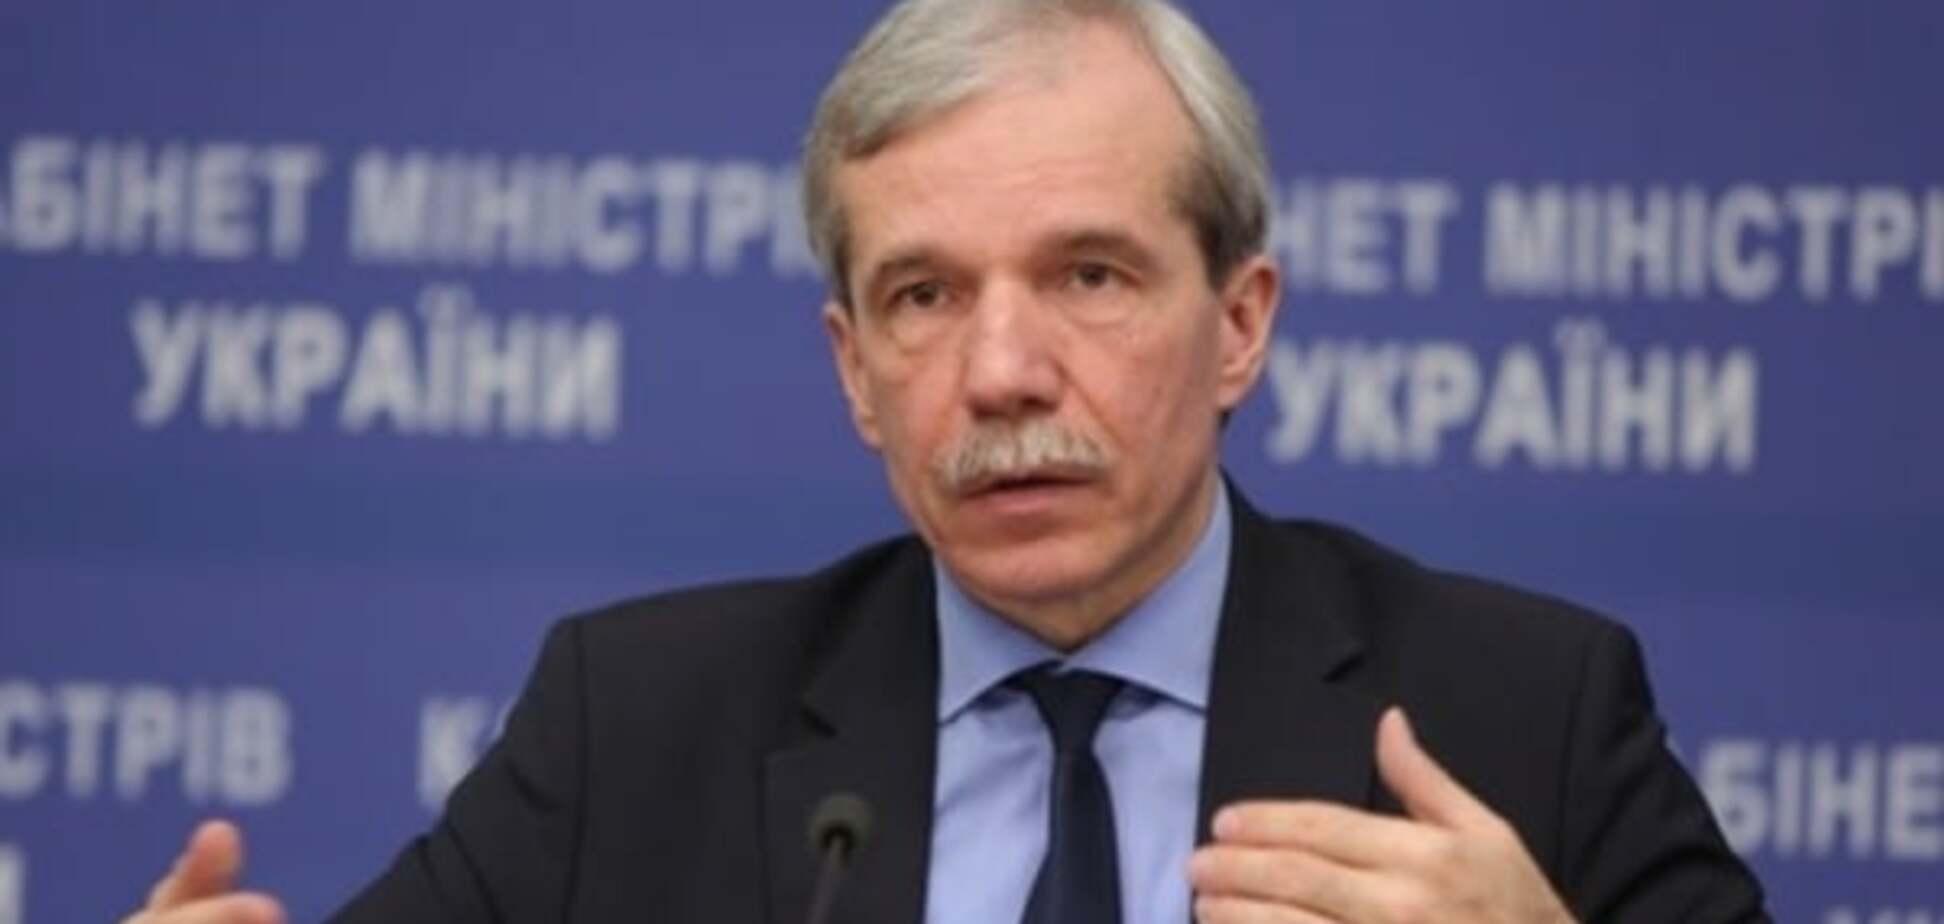 Суспільству нав'язується теза про те, що Яценюк присік 'корупційну змову' - Курикін